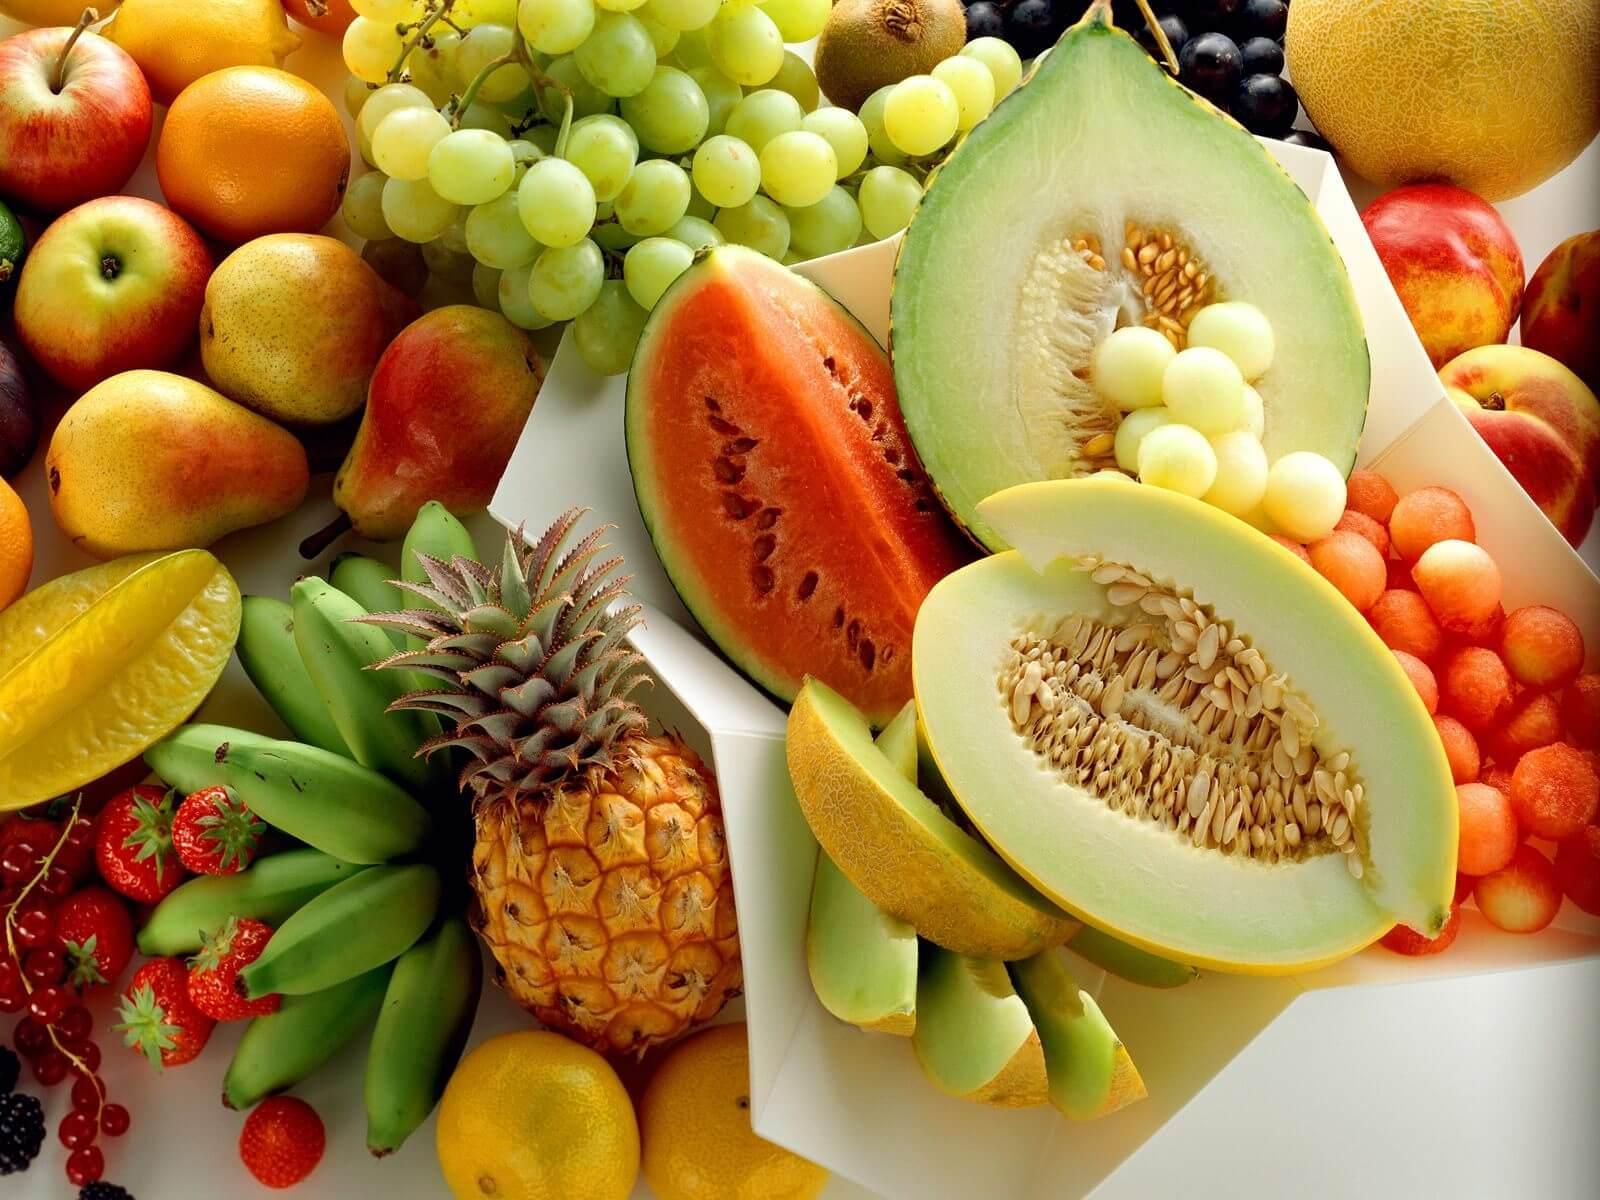 Диетические фрукты - самые лучшие и правильные для похудения